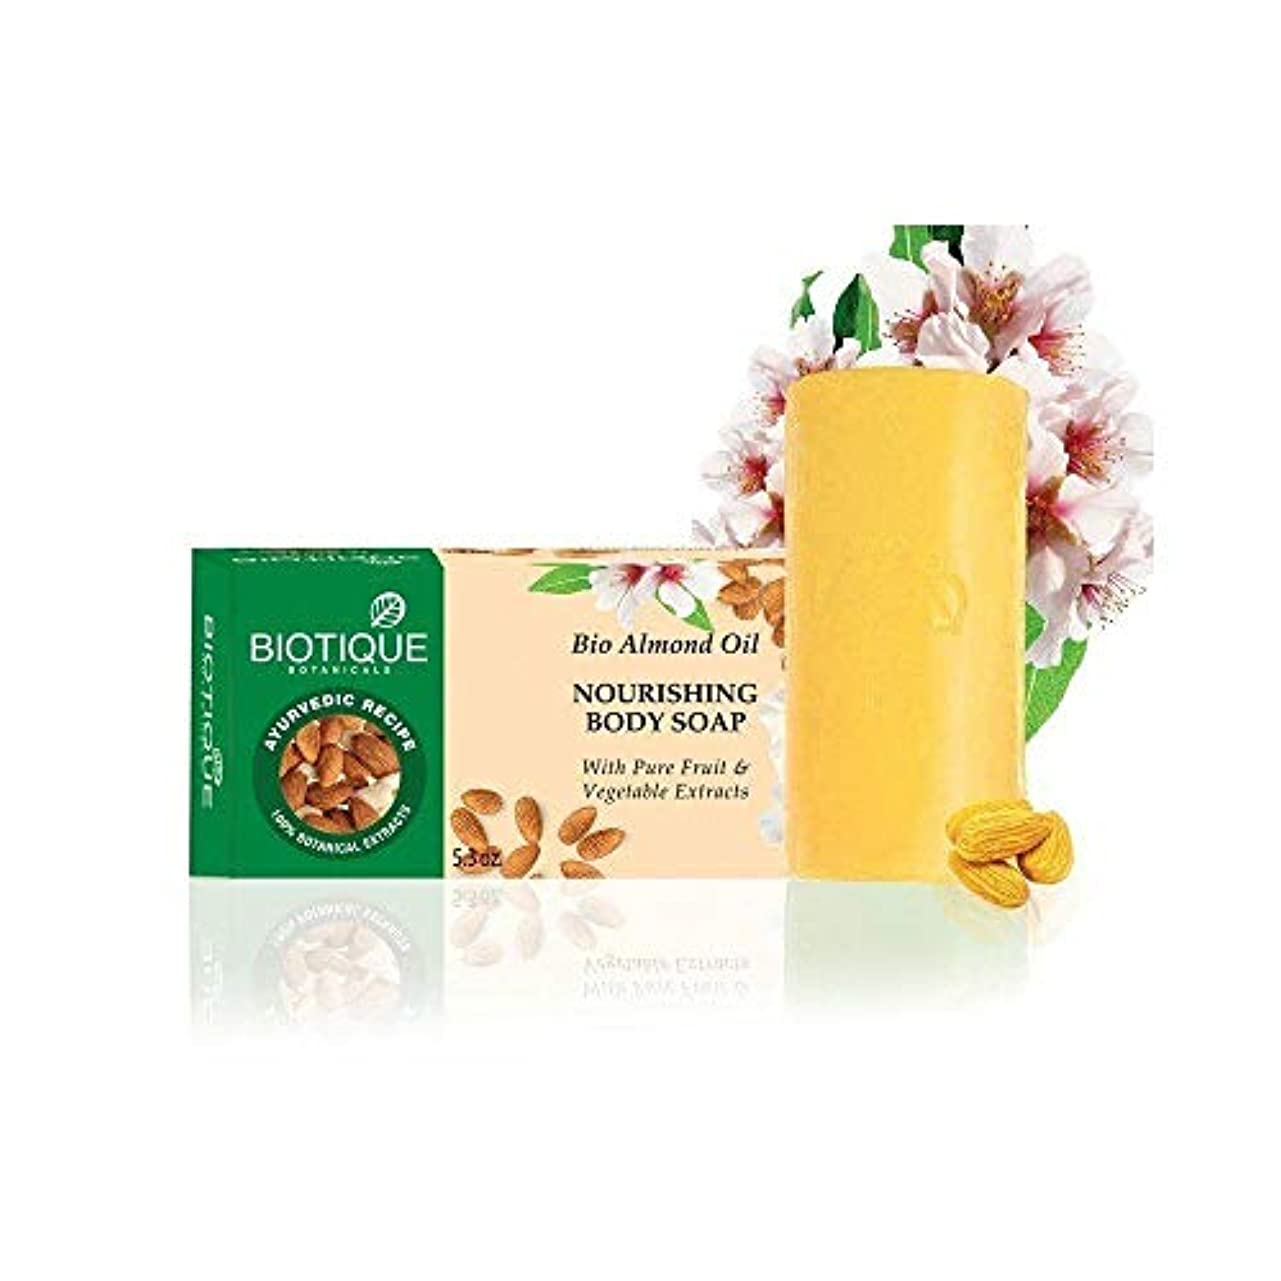 父方の枕豚肉Biotique Bio Almond Oil Nourishing Body Soap - 150g (Pack of 2) wash Impurities Biotique Bio Almond Oilナリッシングボディソープ...